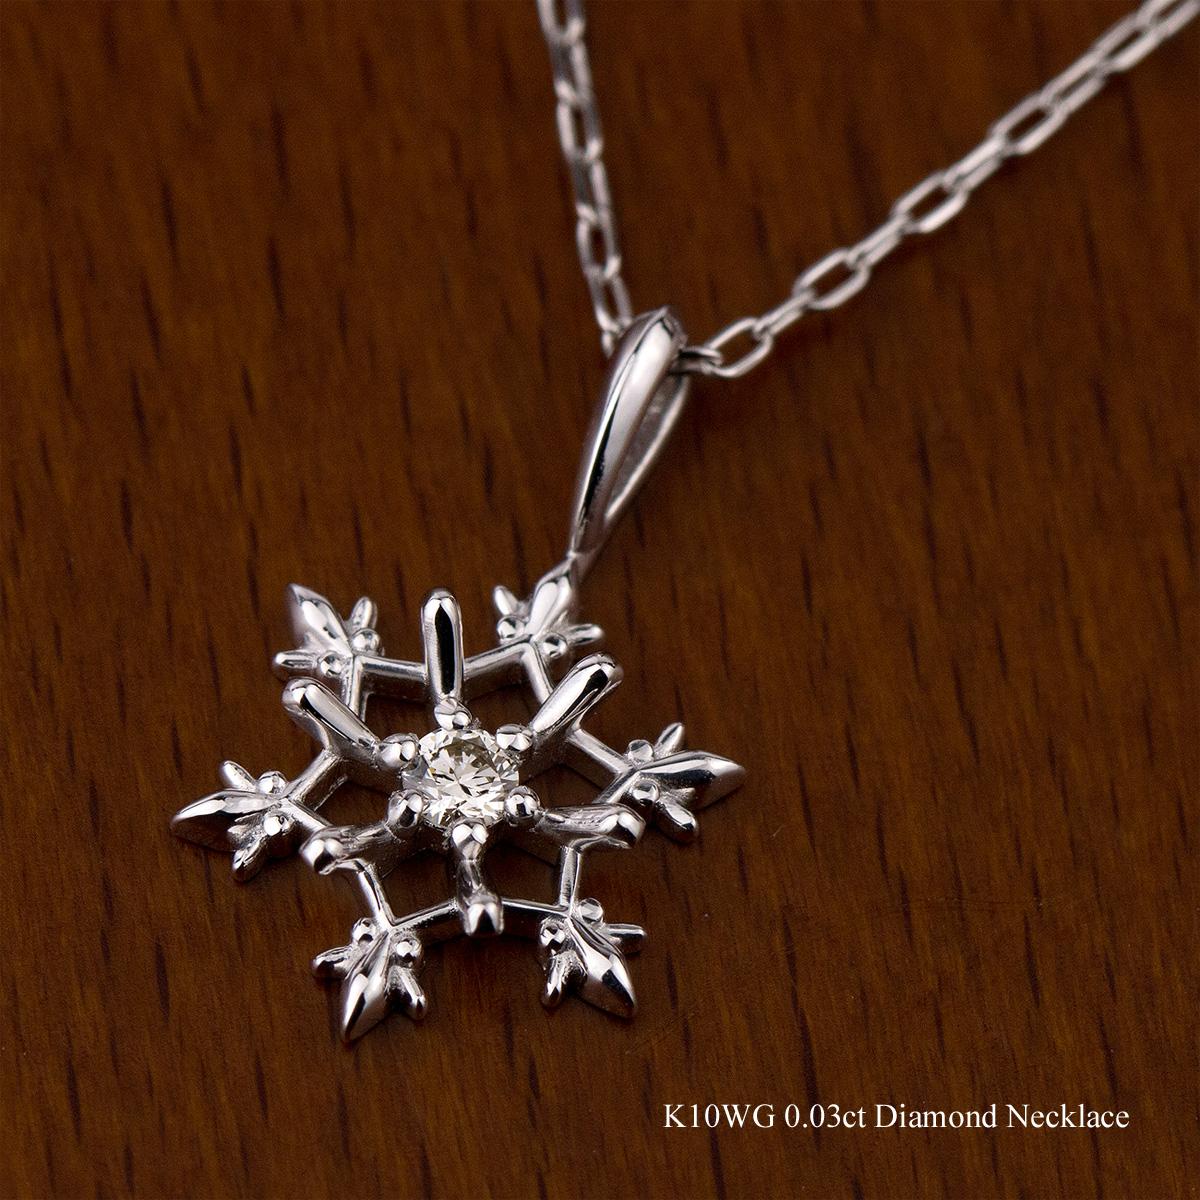 c40ce3133fb331 prevnext ダイヤモンド (4月の誕生石) ネックレス (ペンダント) ダイヤモンドネックレス K10WG(4